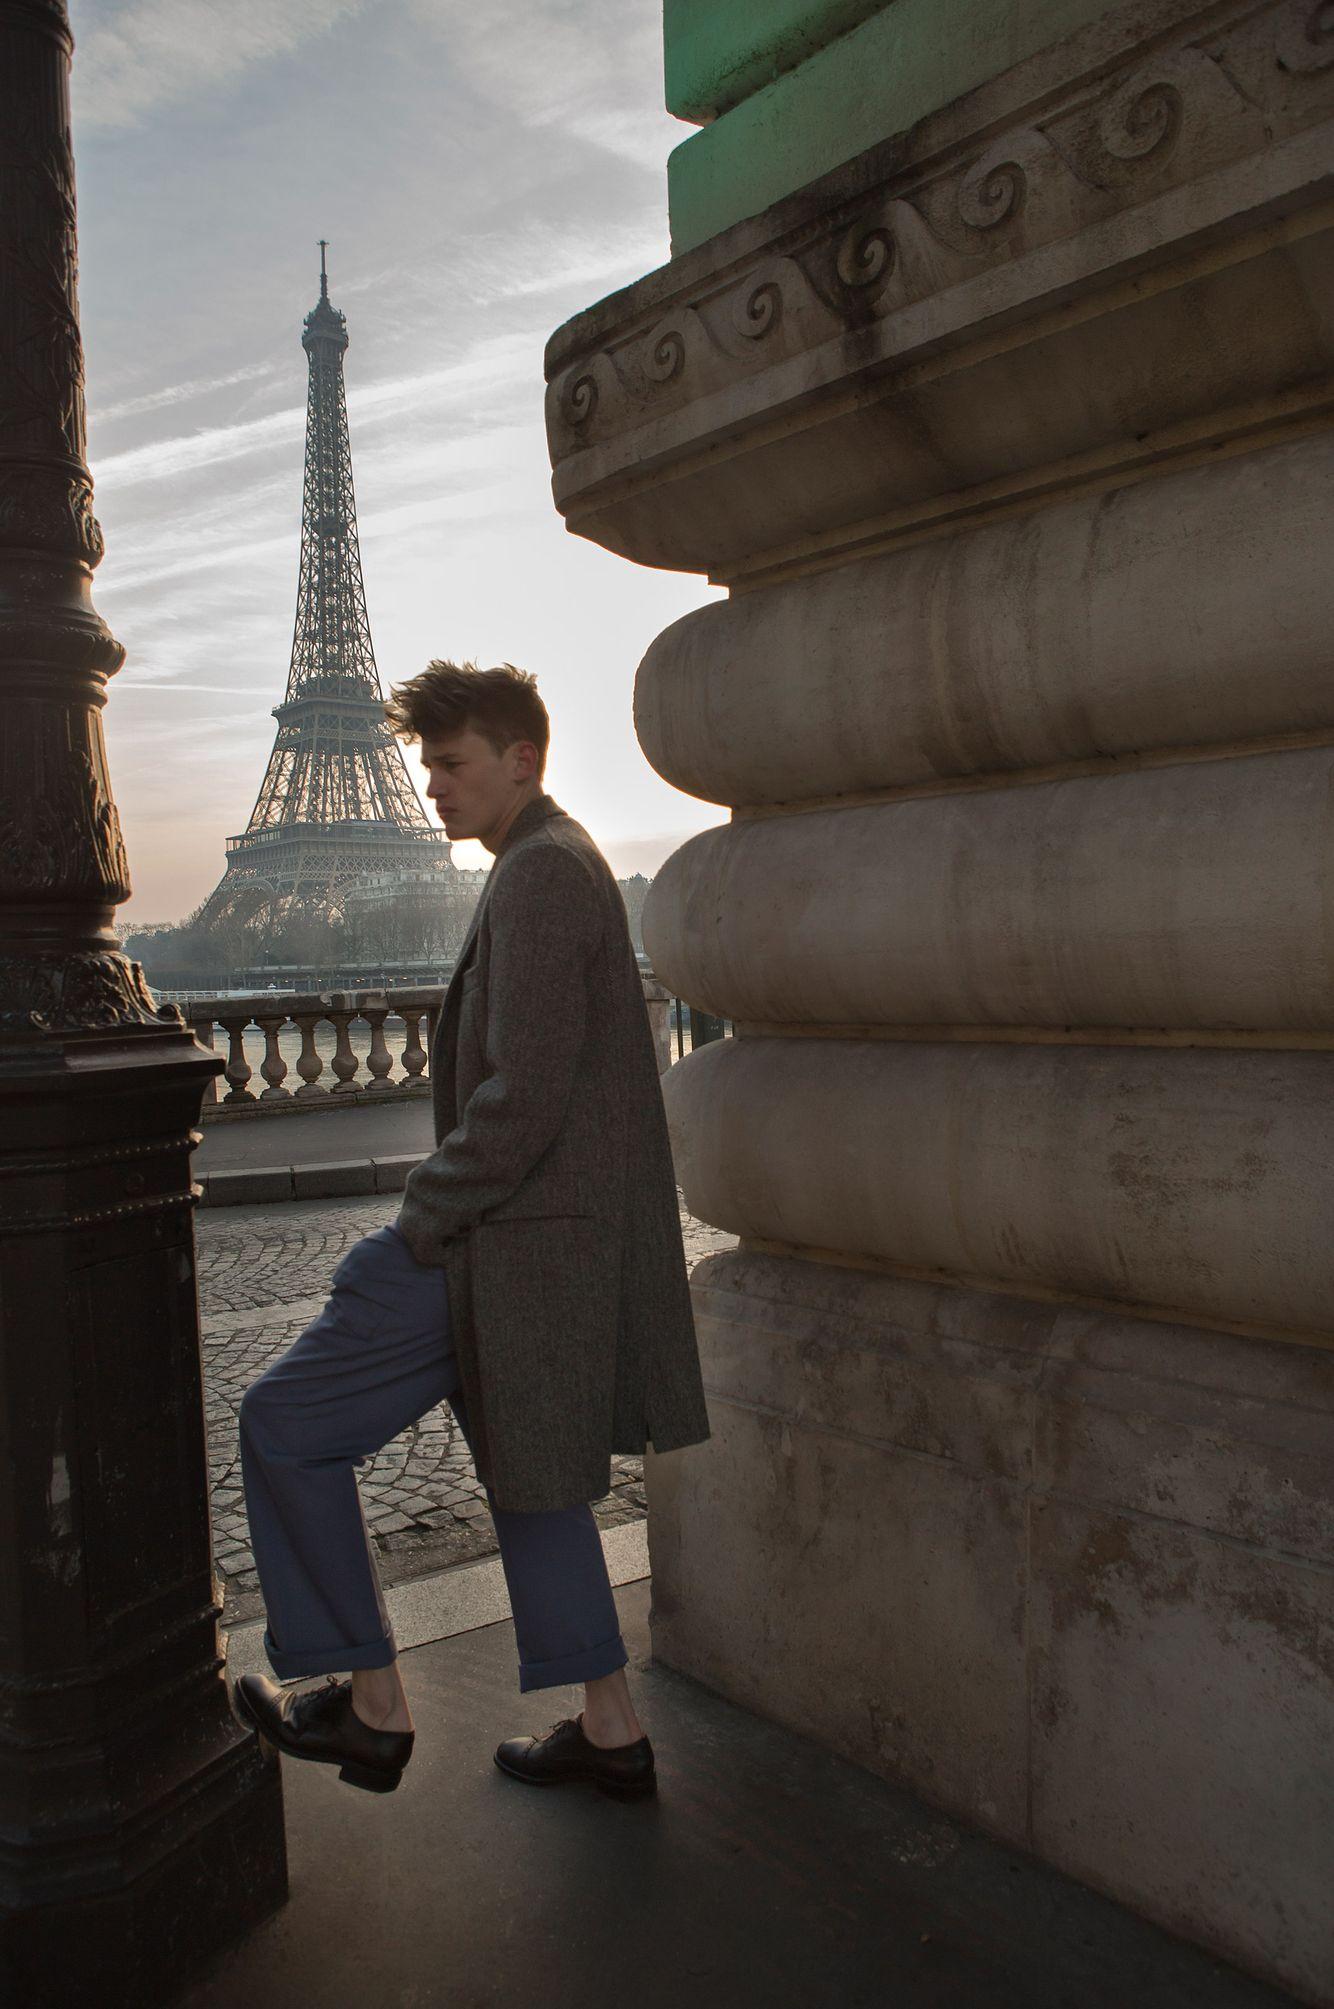 Paul_birkhaim_bridge_paris_Niv_shank.jpg